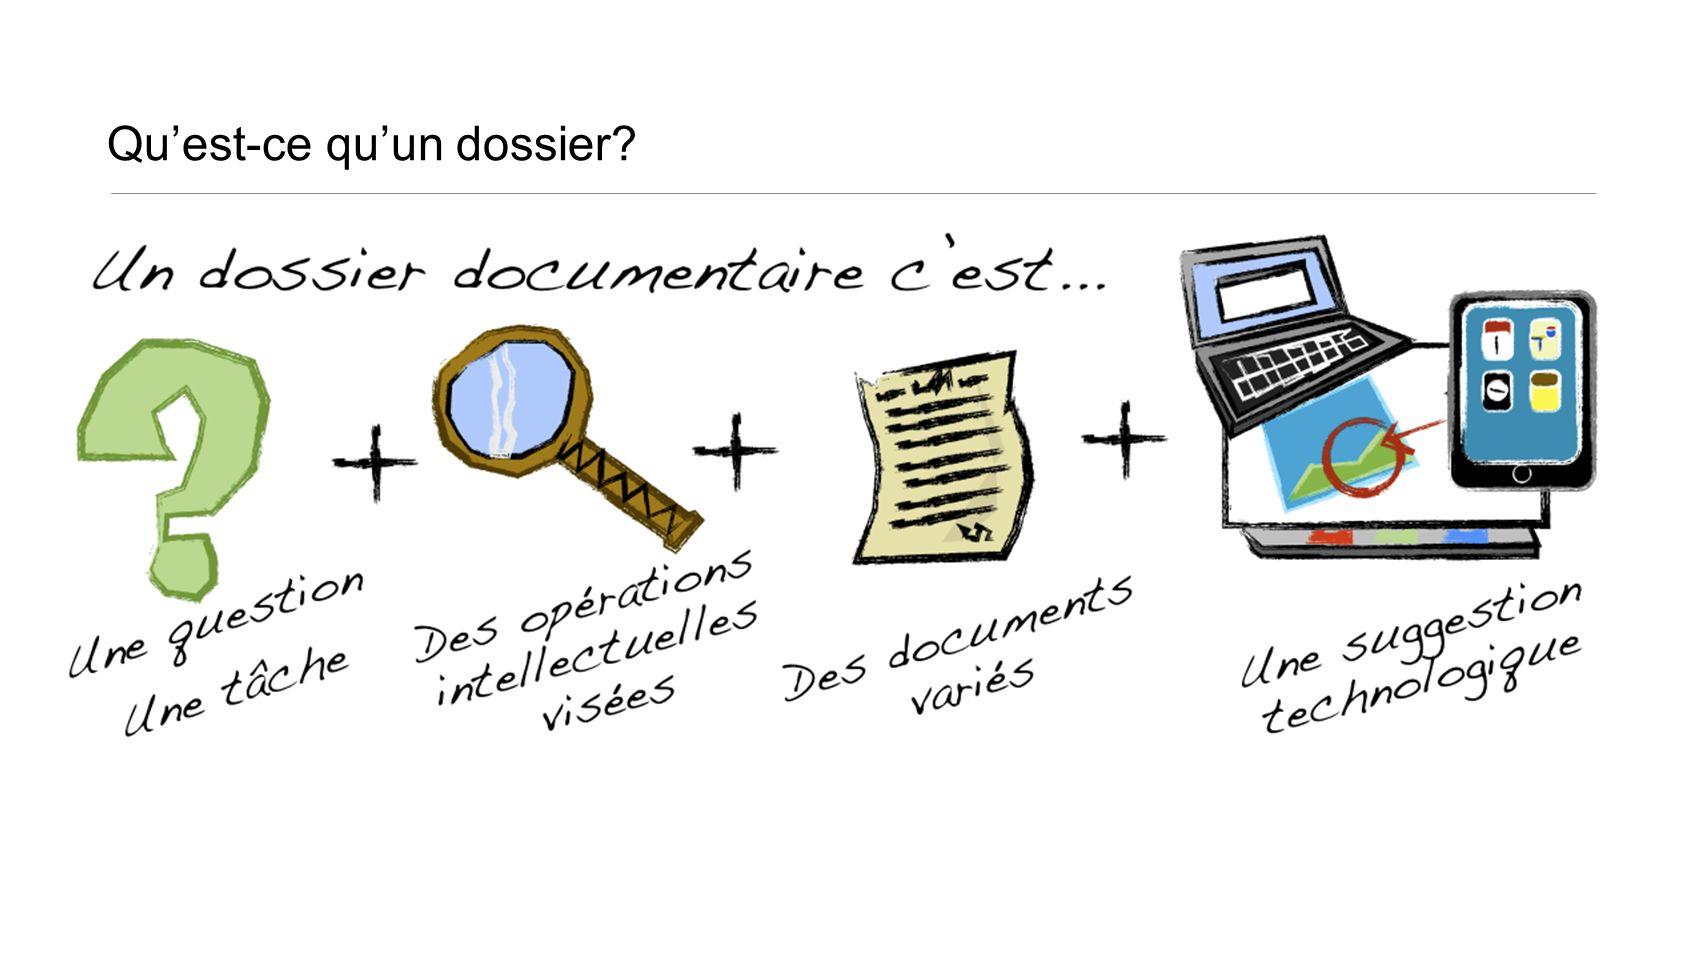 Quest-ce quun document historique?